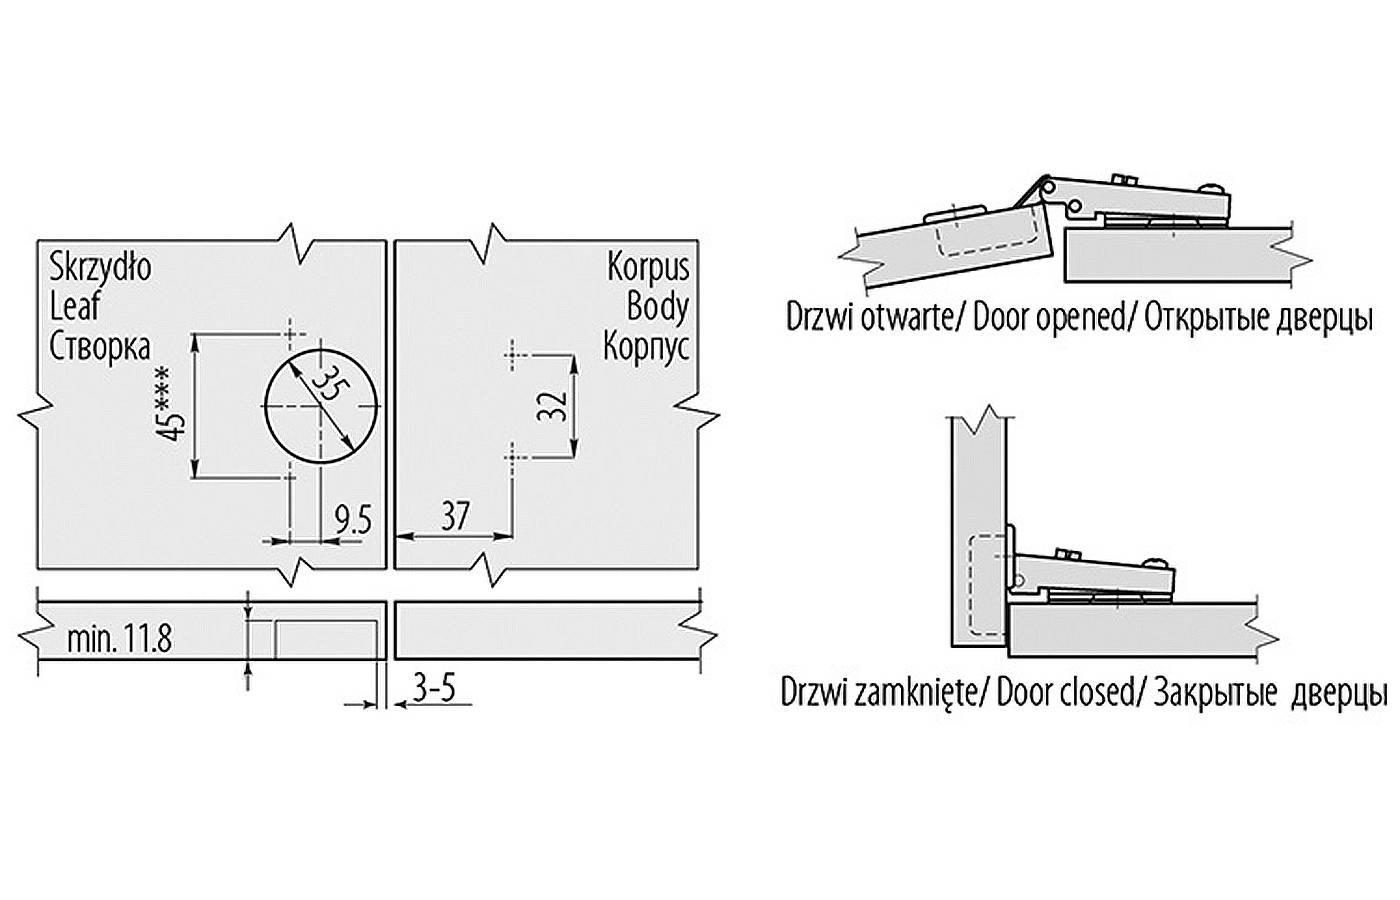 схема установки направляющих для нестандартной мебели